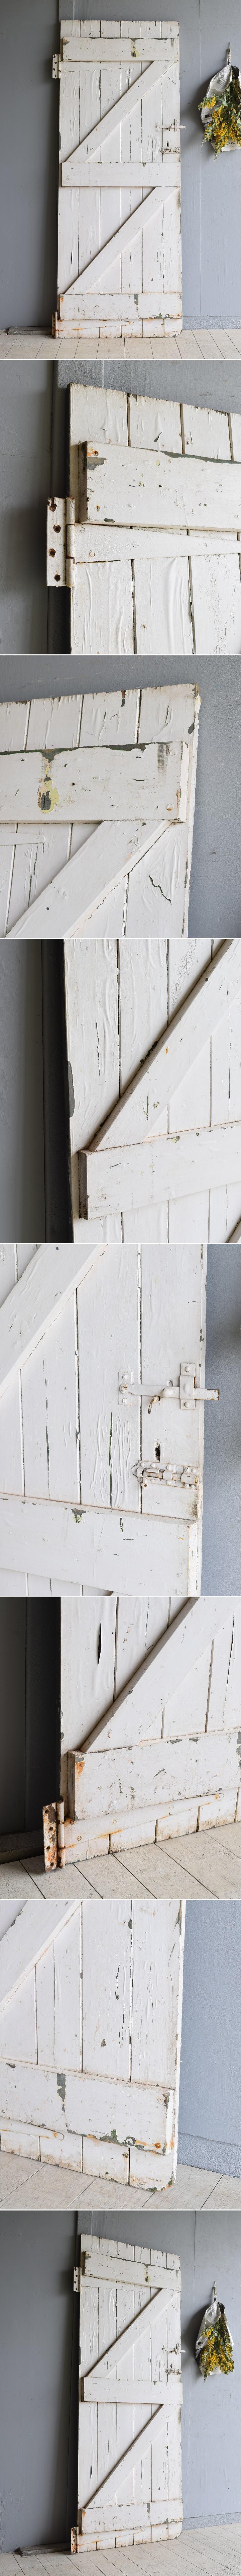 イギリス アンティーク ドア 扉 建具 7939